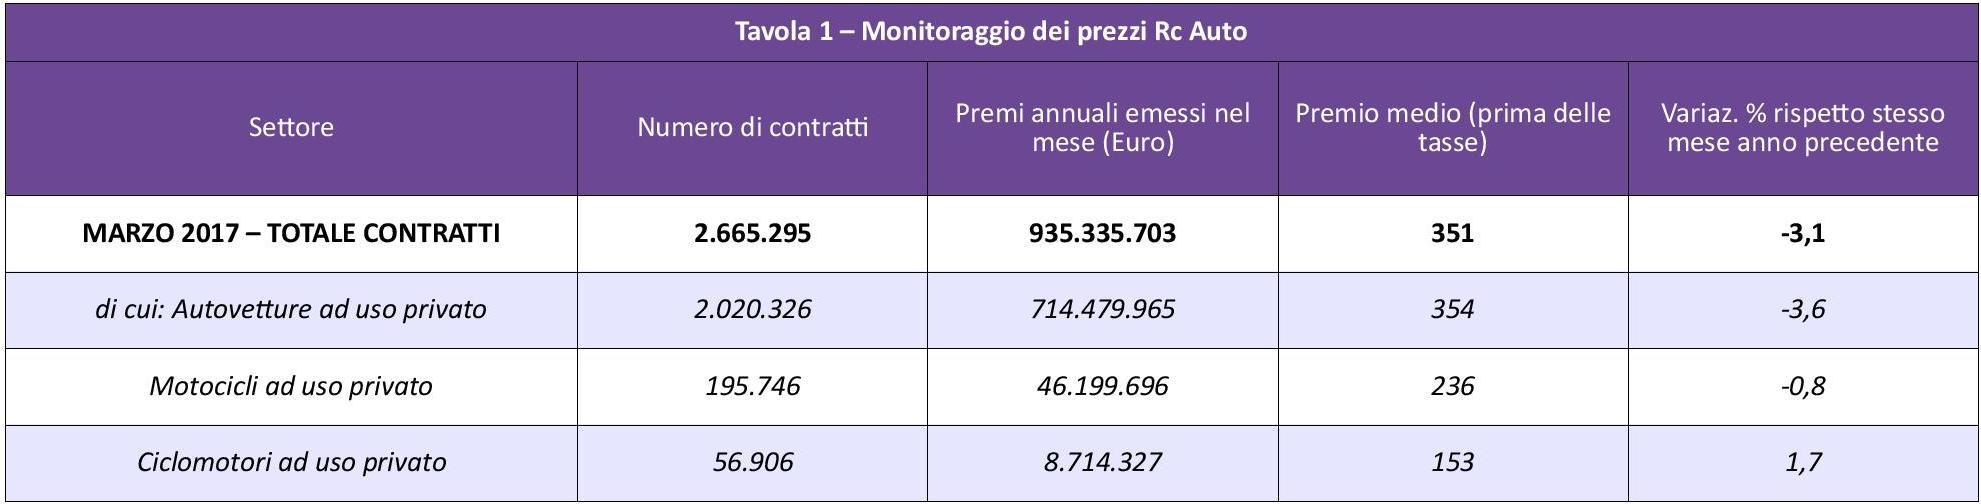 ANIA - Monitoraggio prezzi Rc Auto - Marzo 2017 IMC